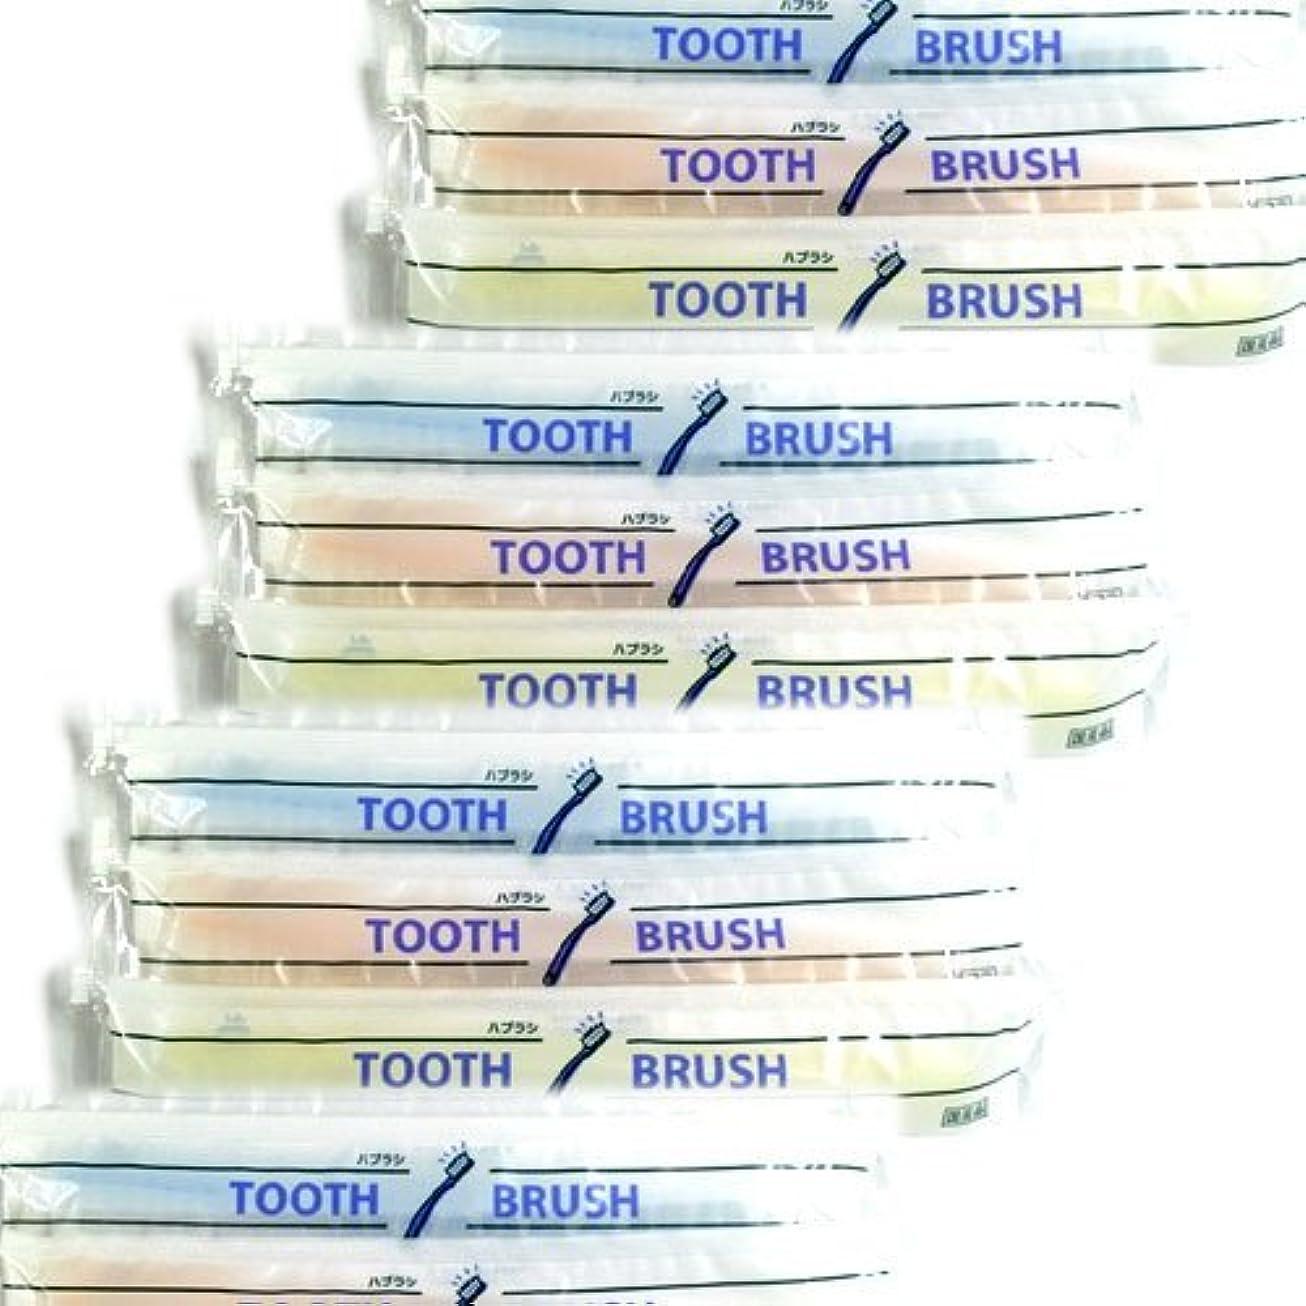 刺す石油素子ホテルアメニティ 業務用 使い捨て(インスタント) 粉付き歯ブラシ × 1000個セット